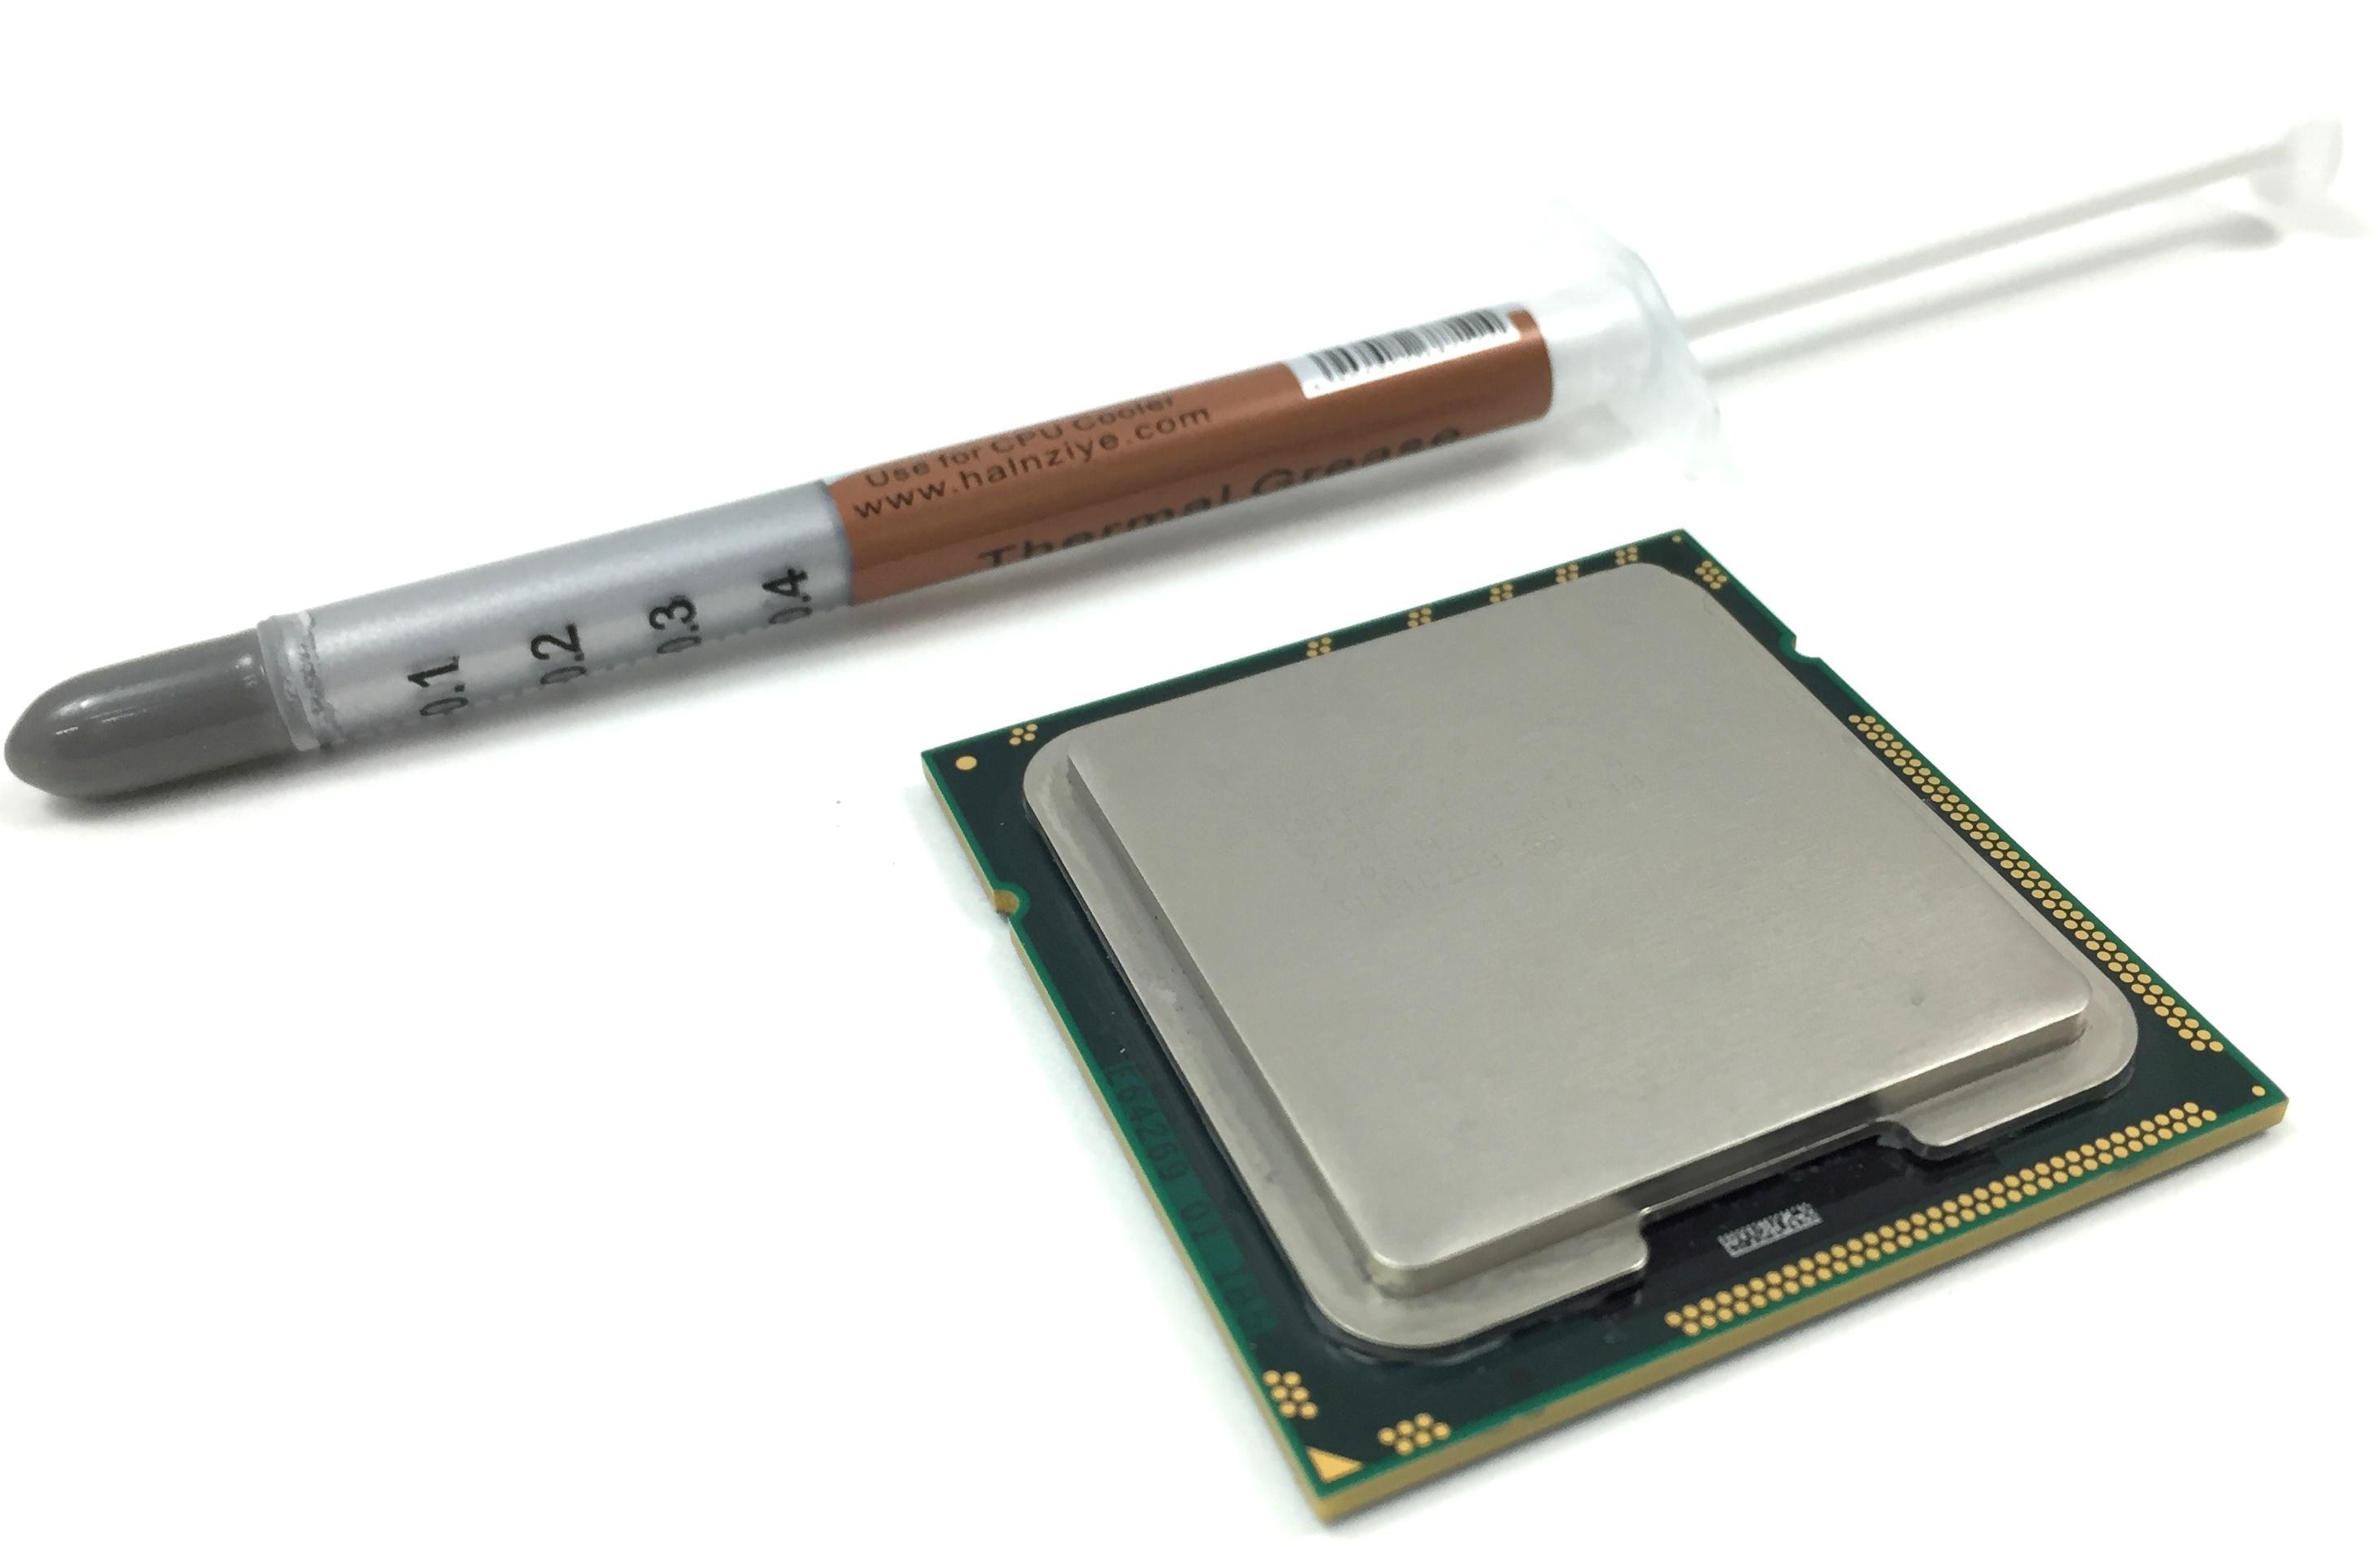 Intel Core I3-3220 3.30GHz Dual Core 3MB LGA1155 Processor (SR0RG)